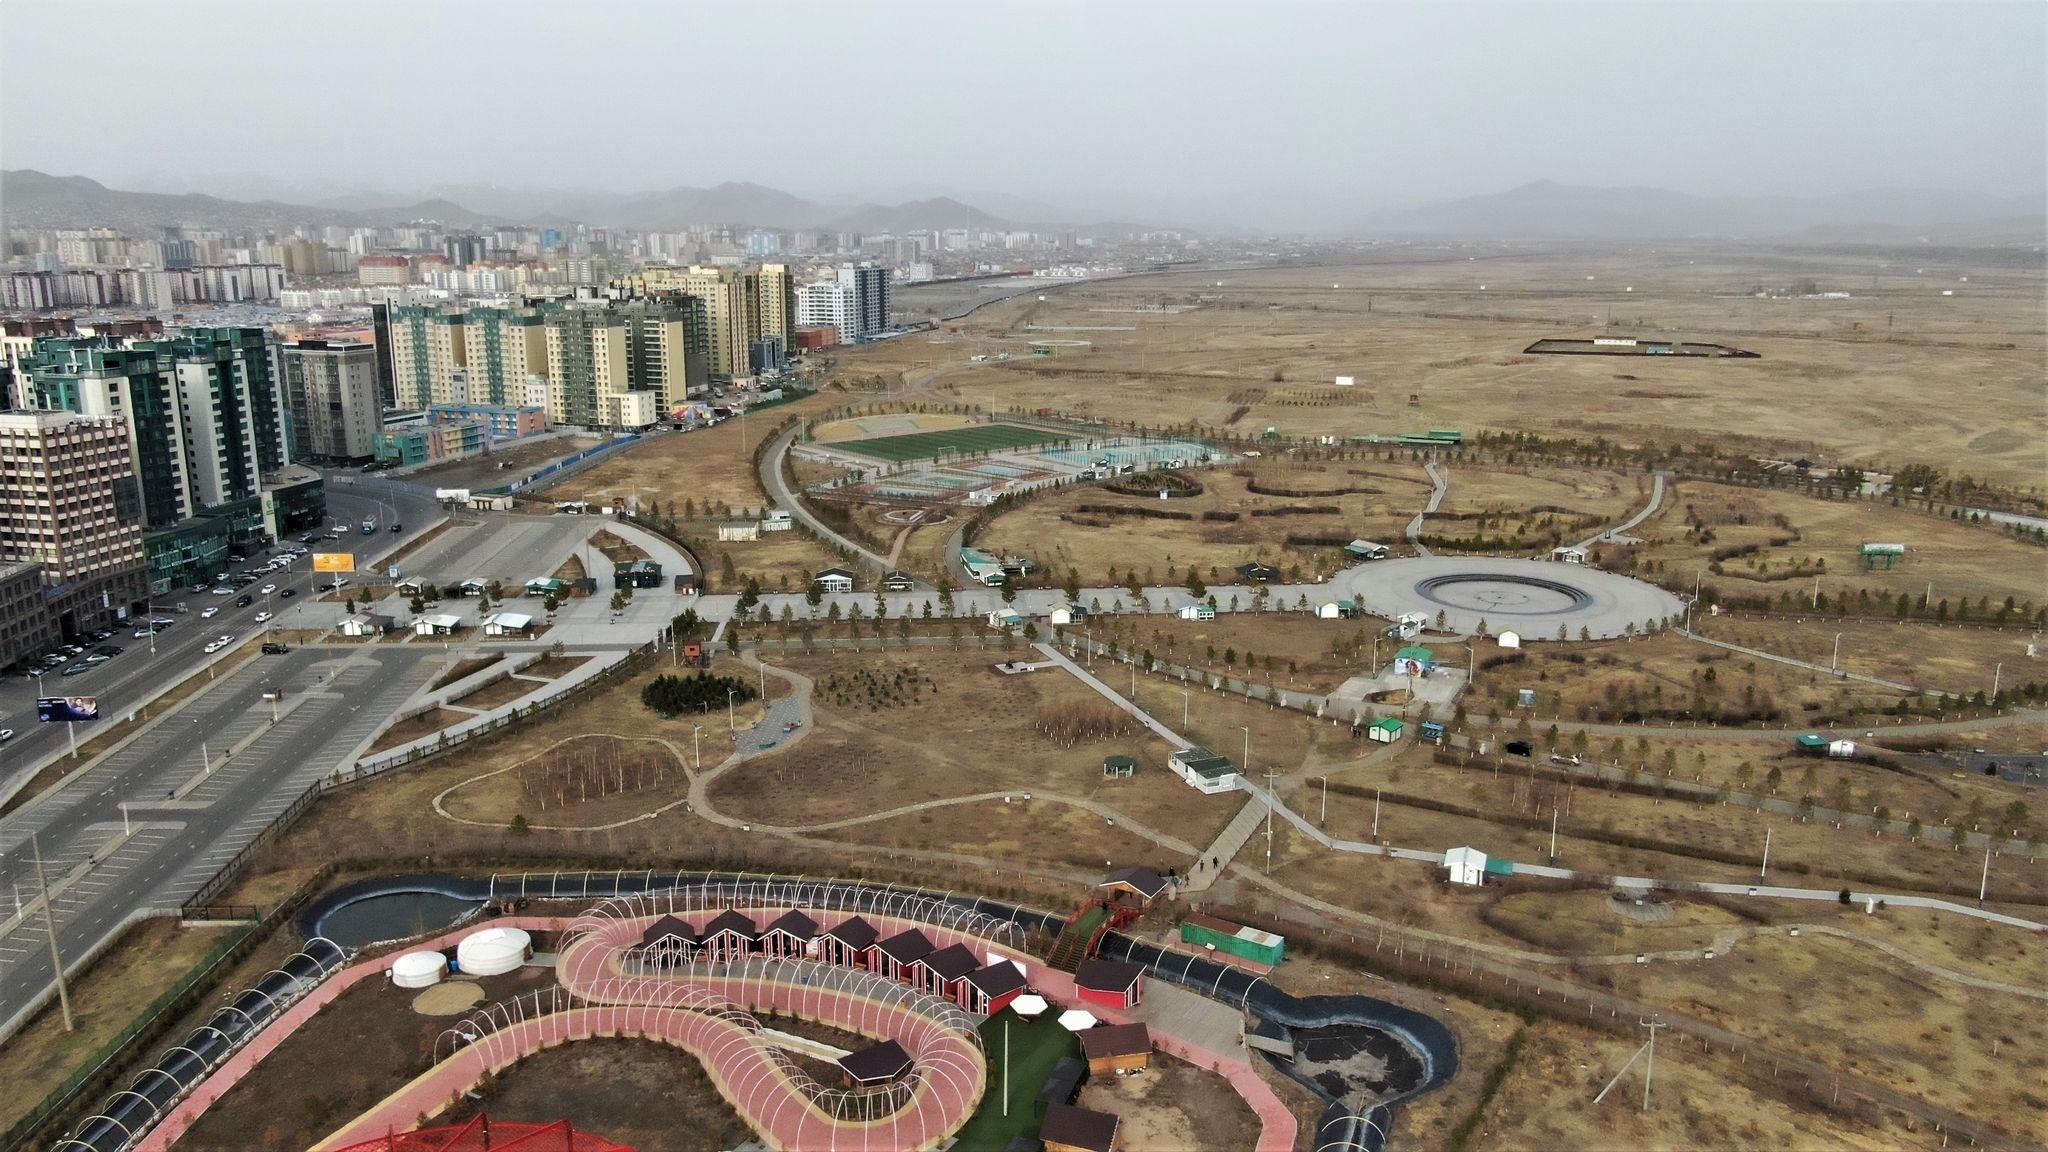 Д.Сумъяабазар: Улаанбаатар хотыг зүлэгжүүлэх аян зохион байгуулна